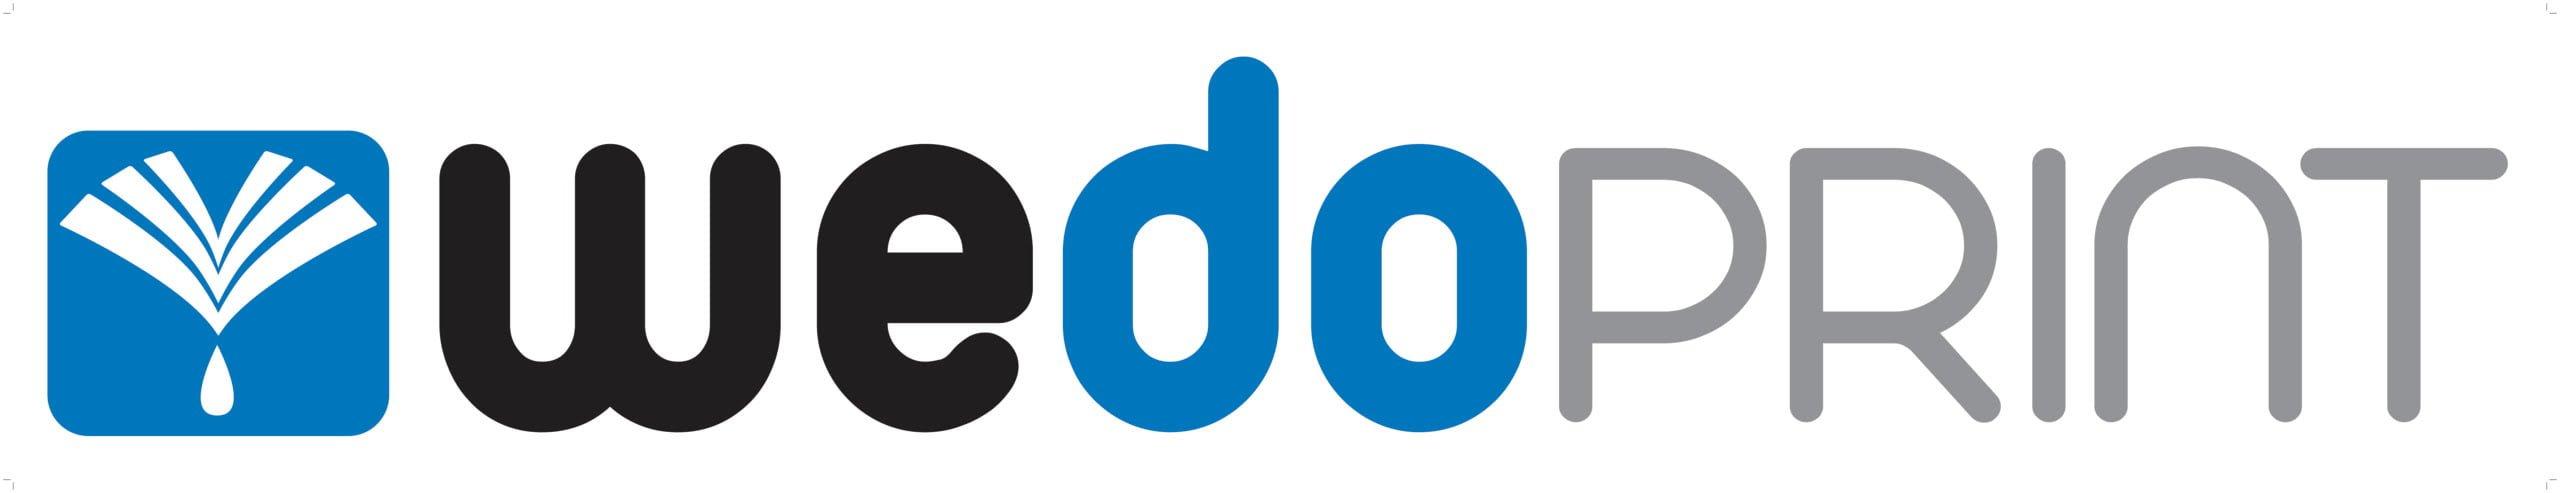 Wedoprint long logo JPEG scaled